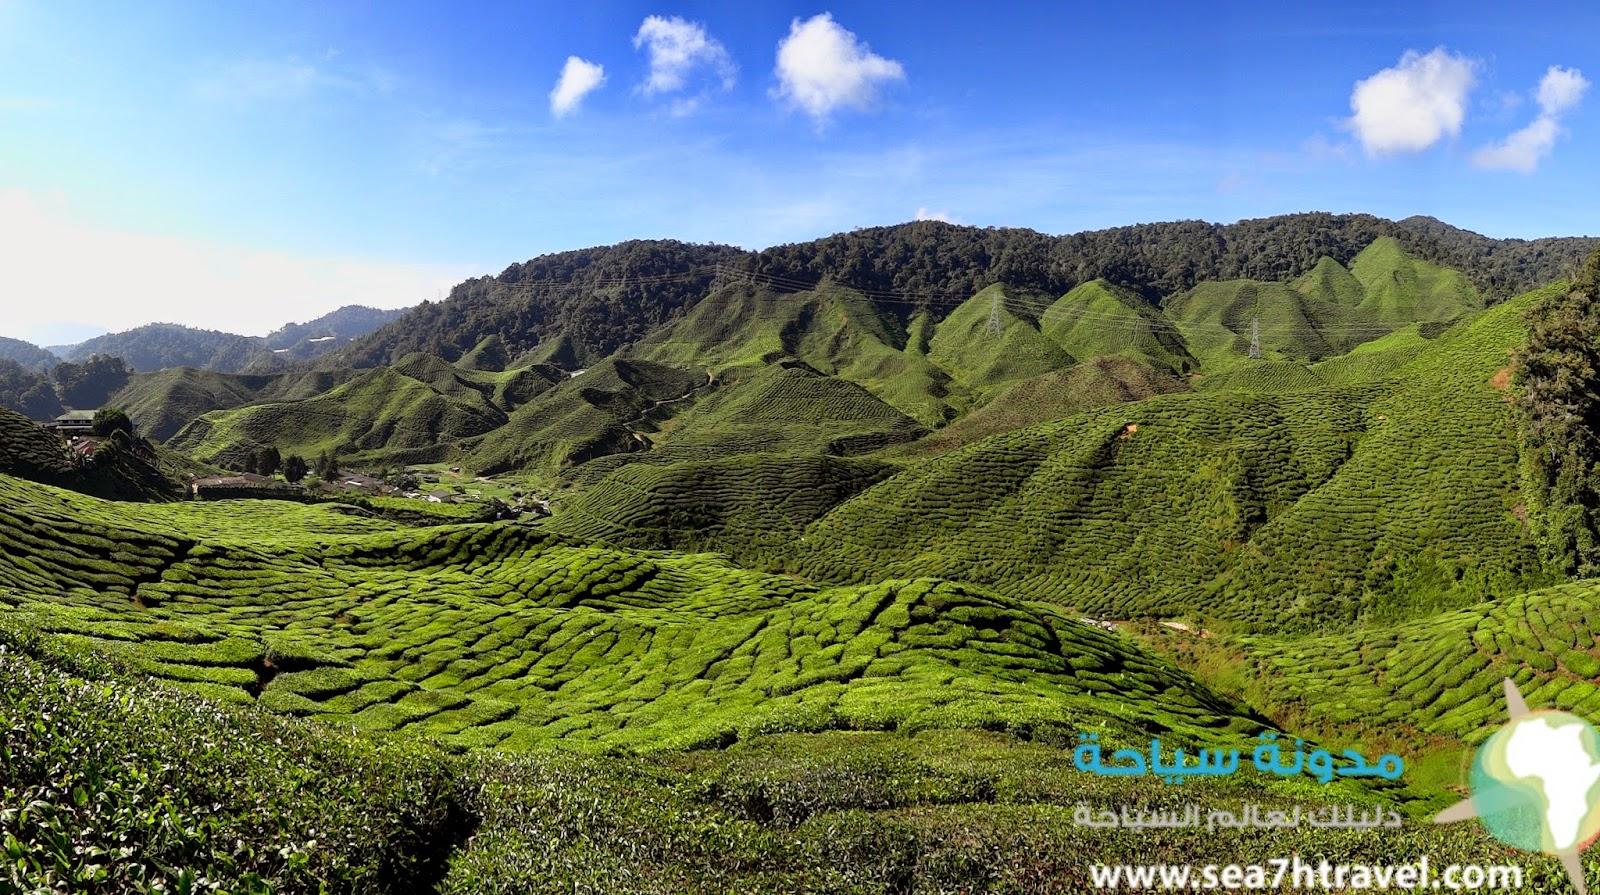 مرتفعات جبال كاميرون في ماليزيا